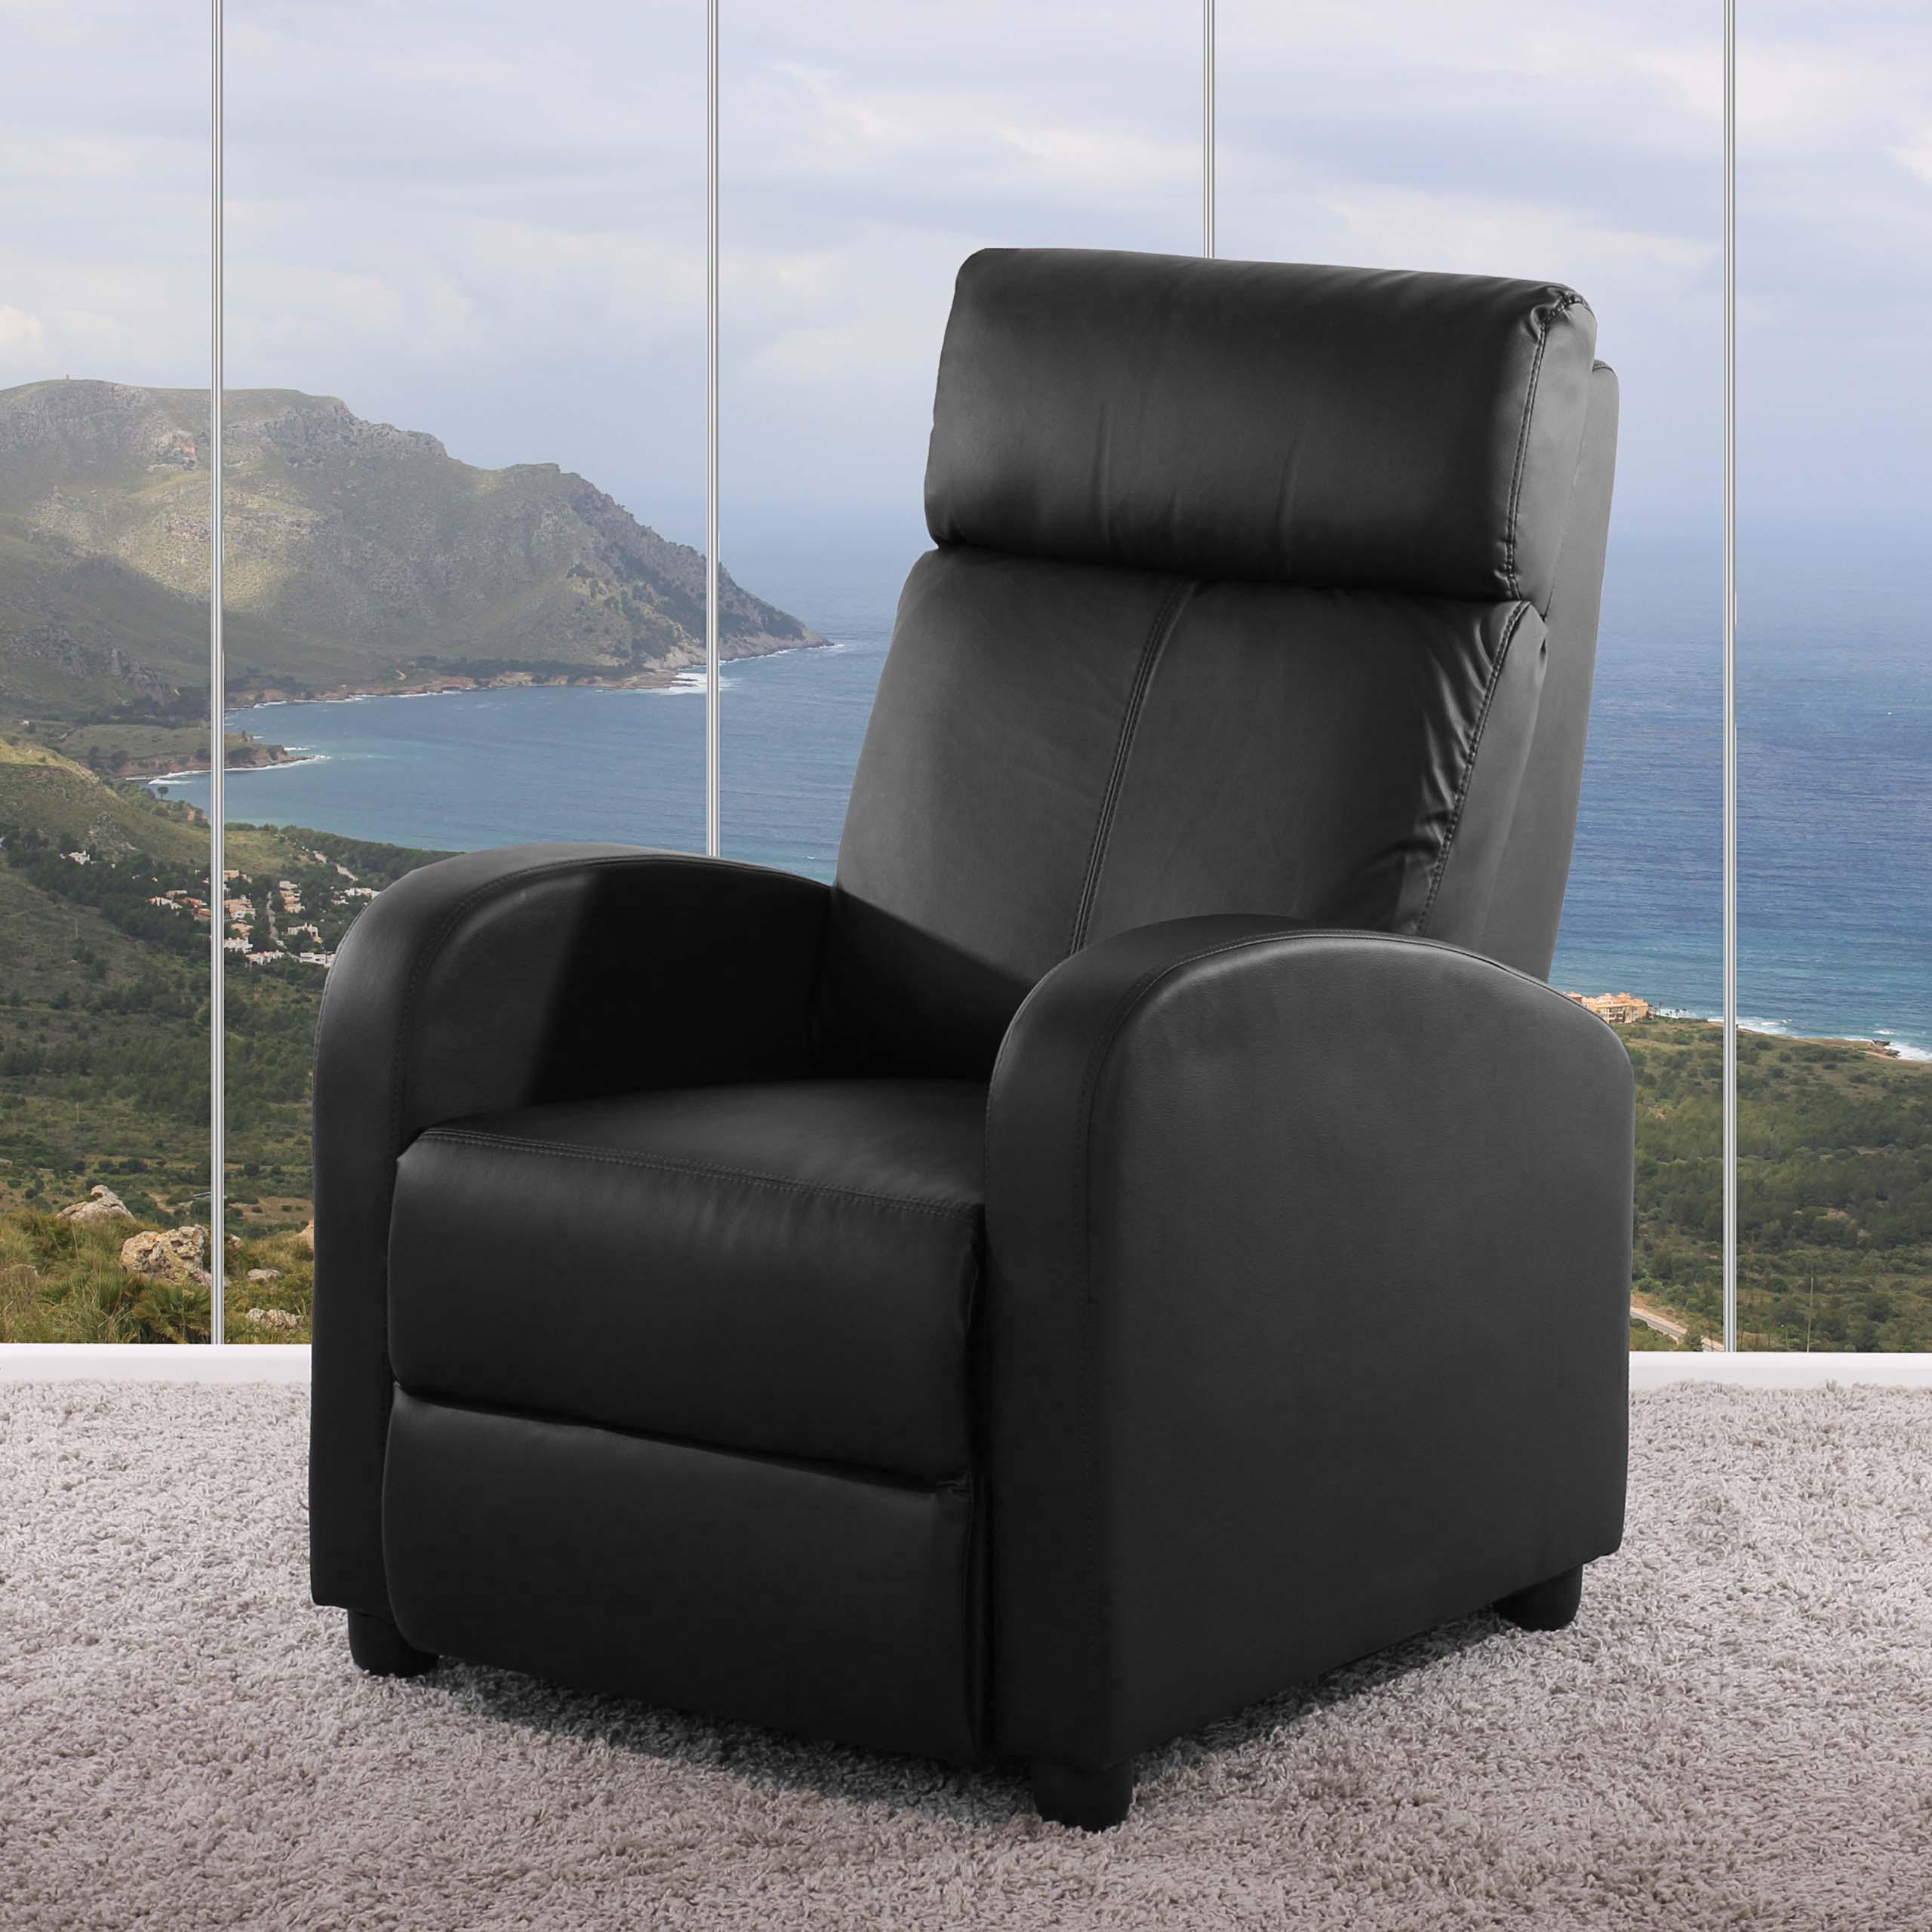 Full Size of Liegesessel Verstellbar Garten Liegestuhl Ikea Elektrisch Verstellbare Sofa Mit Verstellbarer Sitztiefe Wohnzimmer Liegesessel Verstellbar